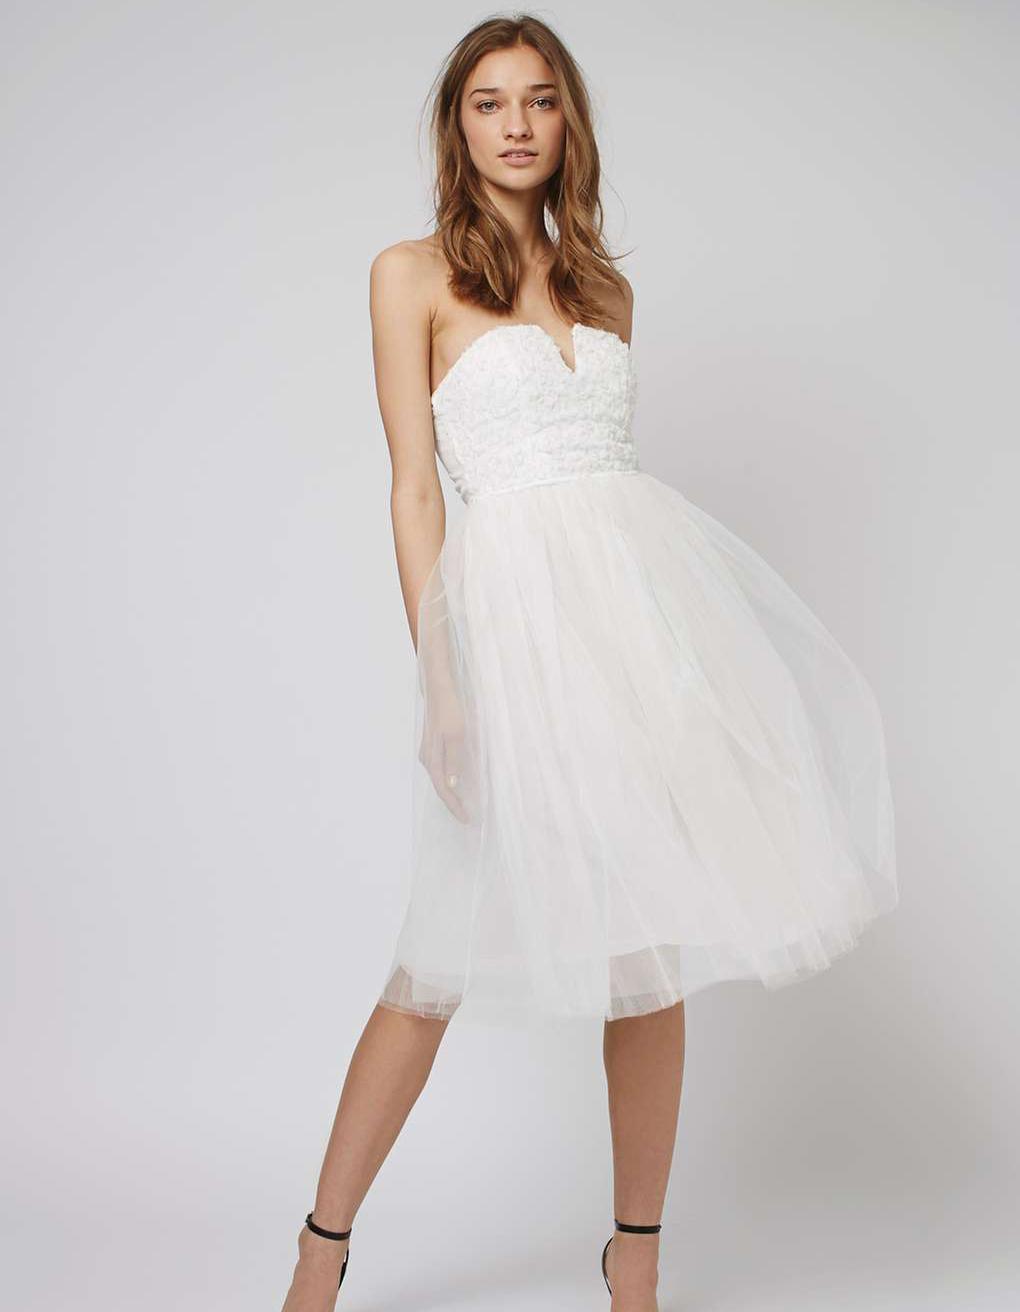 Robe de mariée courte en tulle Topshop , Les plus belles robes de mariée  courtes , Elle